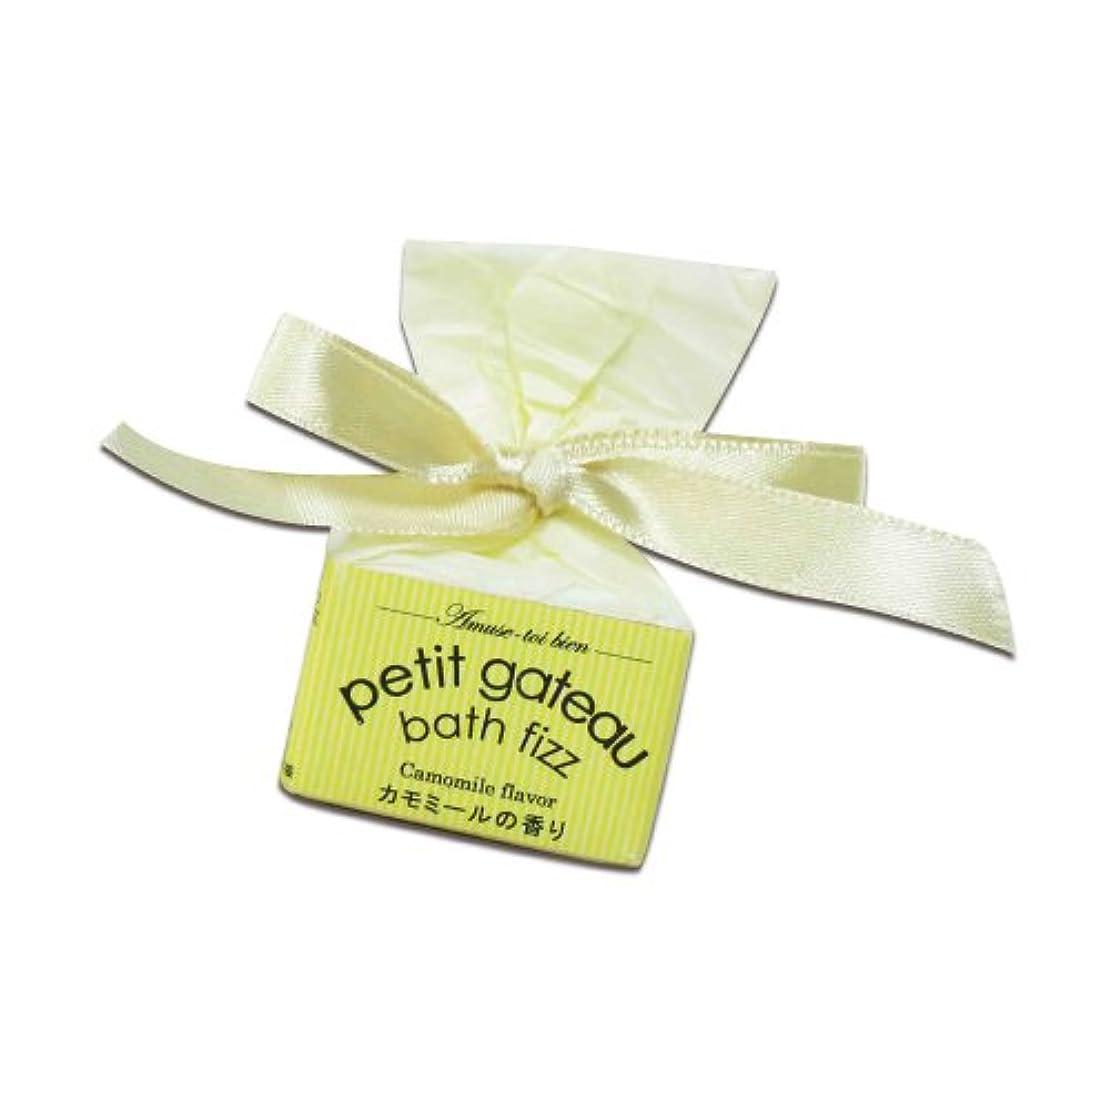 新鮮な暖かさ保証金プチガトーバスフィザー カモミールの香り 12個セット